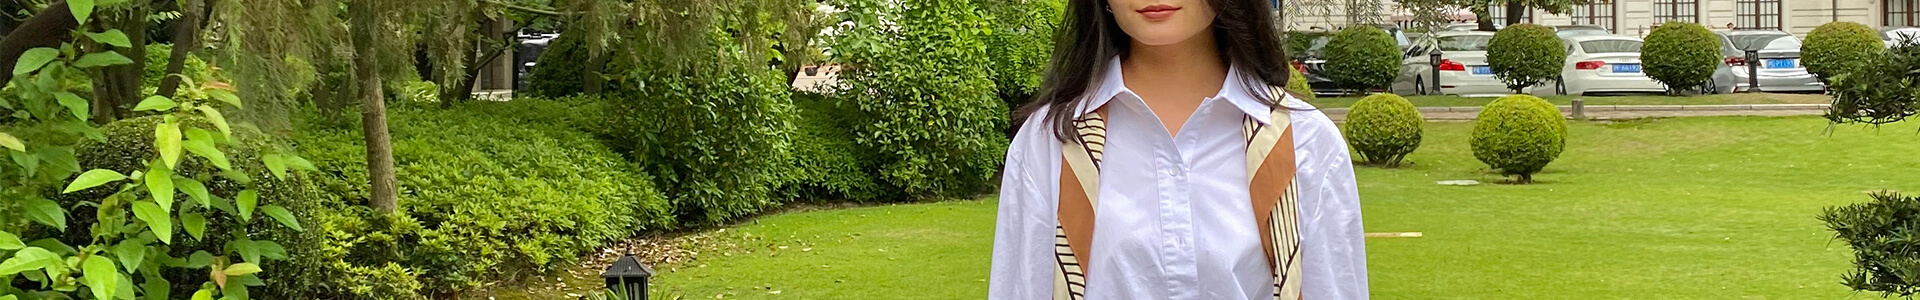 バッチリ冷房&UV対策!爽やかな白シャツでオシャレに初夏コーデを更新♪